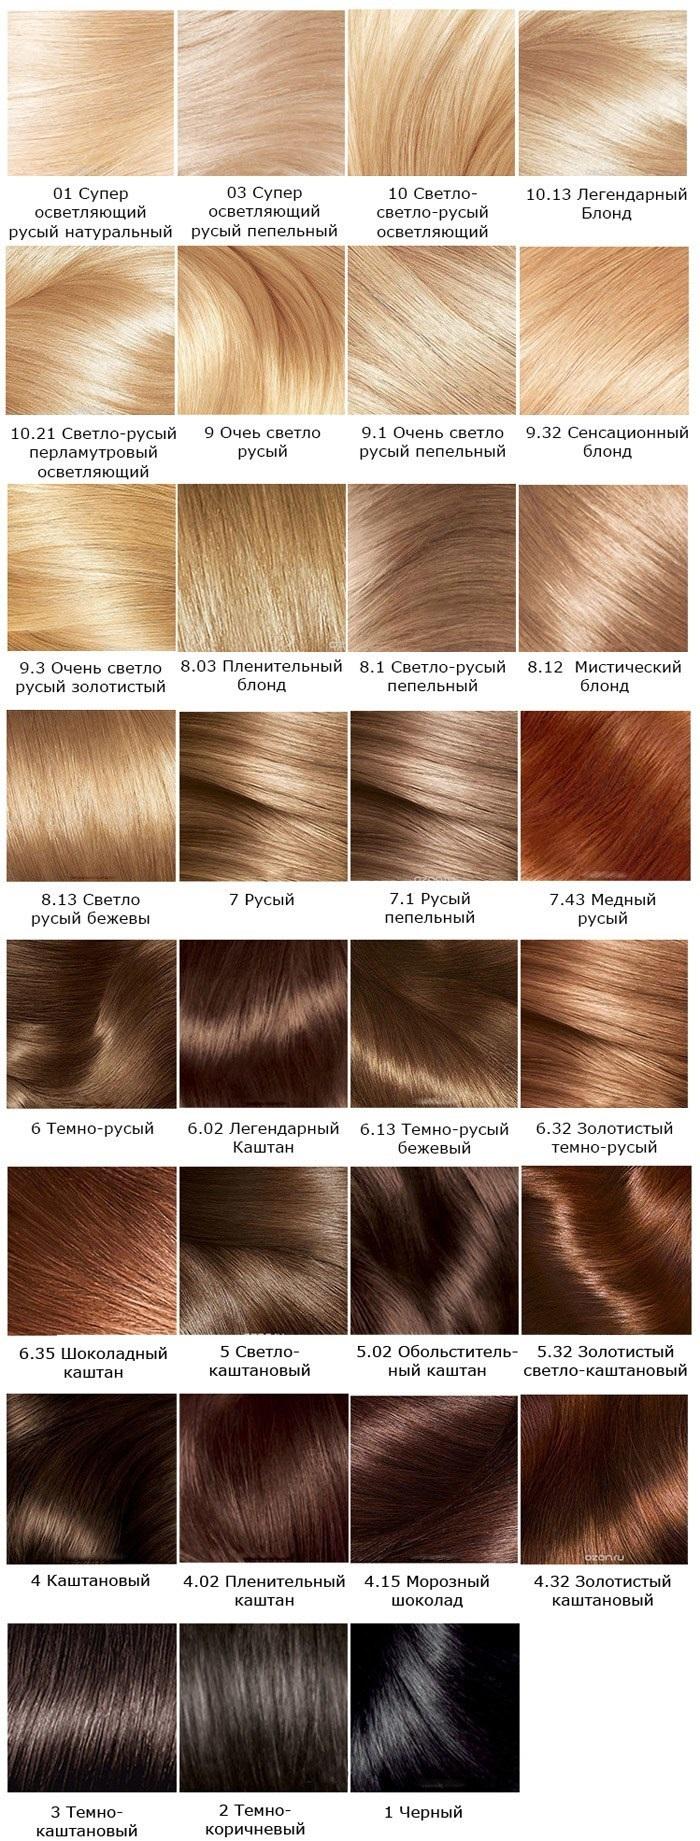 Краска для волос Лореаль Экселанс. Палитра цветов, фото, подбор оттенка, инструкция окрашивания